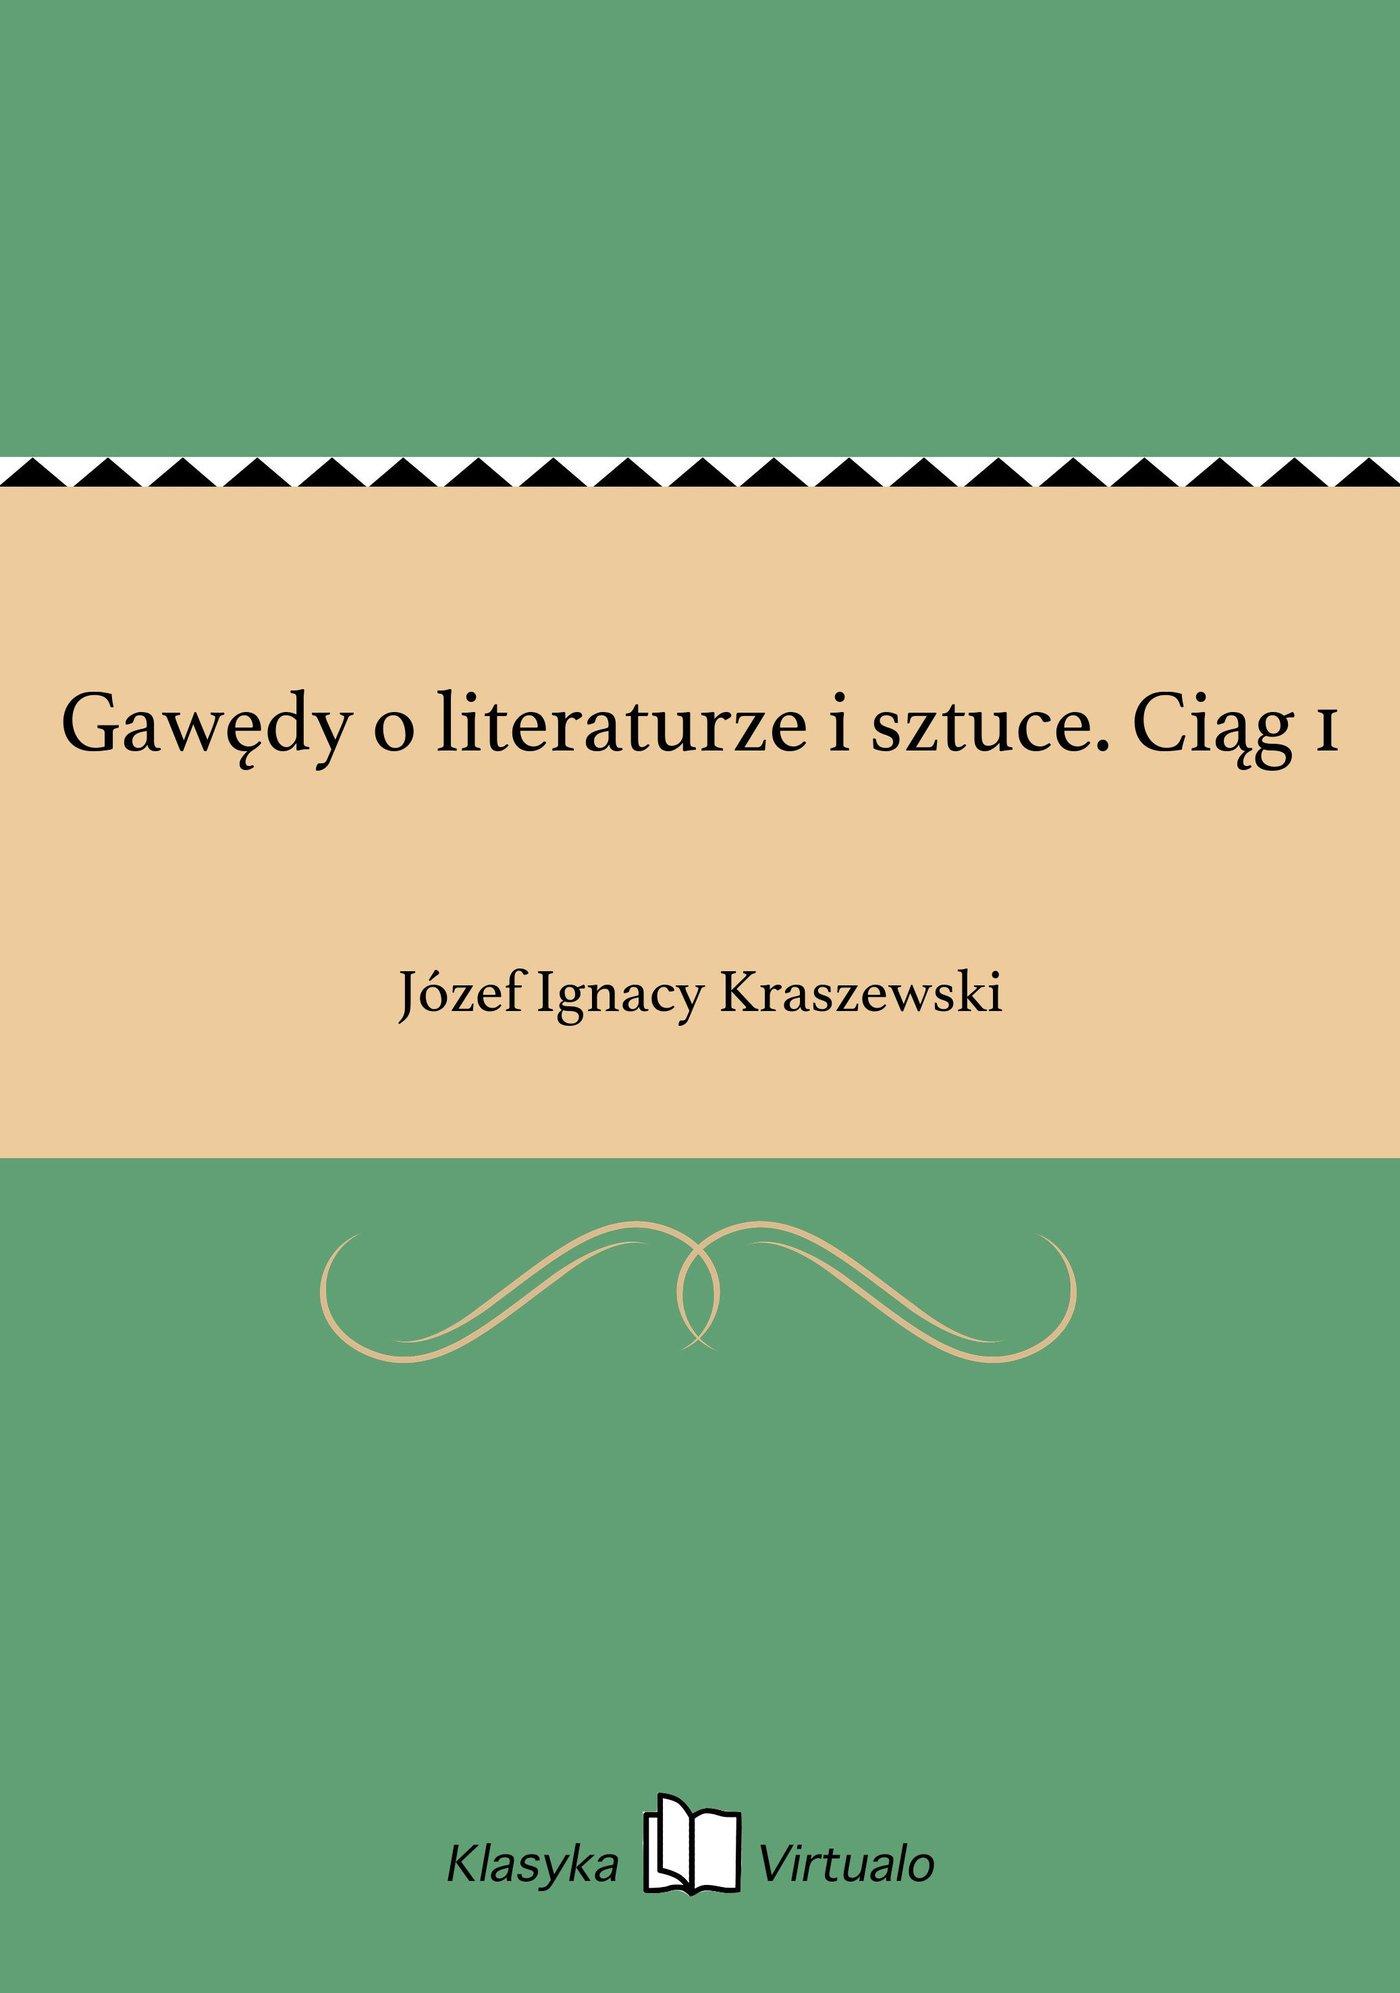 Gawędy o literaturze i sztuce. Ciąg 1 - Ebook (Książka EPUB) do pobrania w formacie EPUB